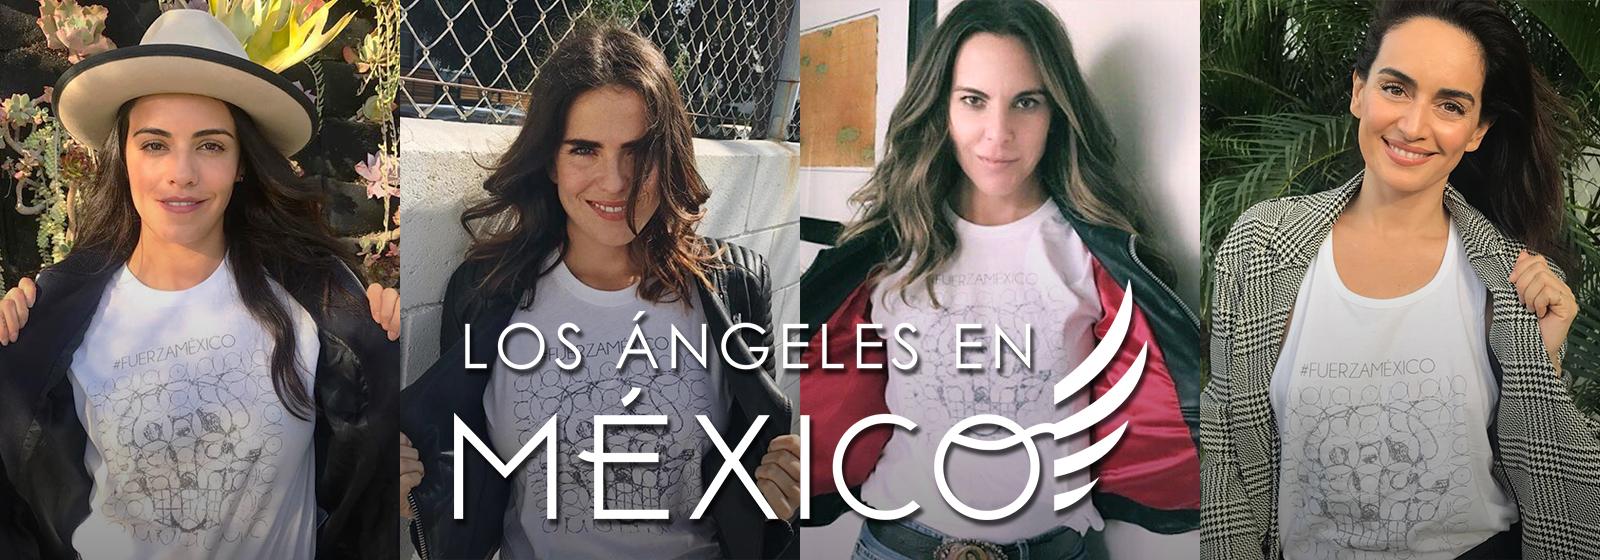 Los Angeles en Mexico Store Store